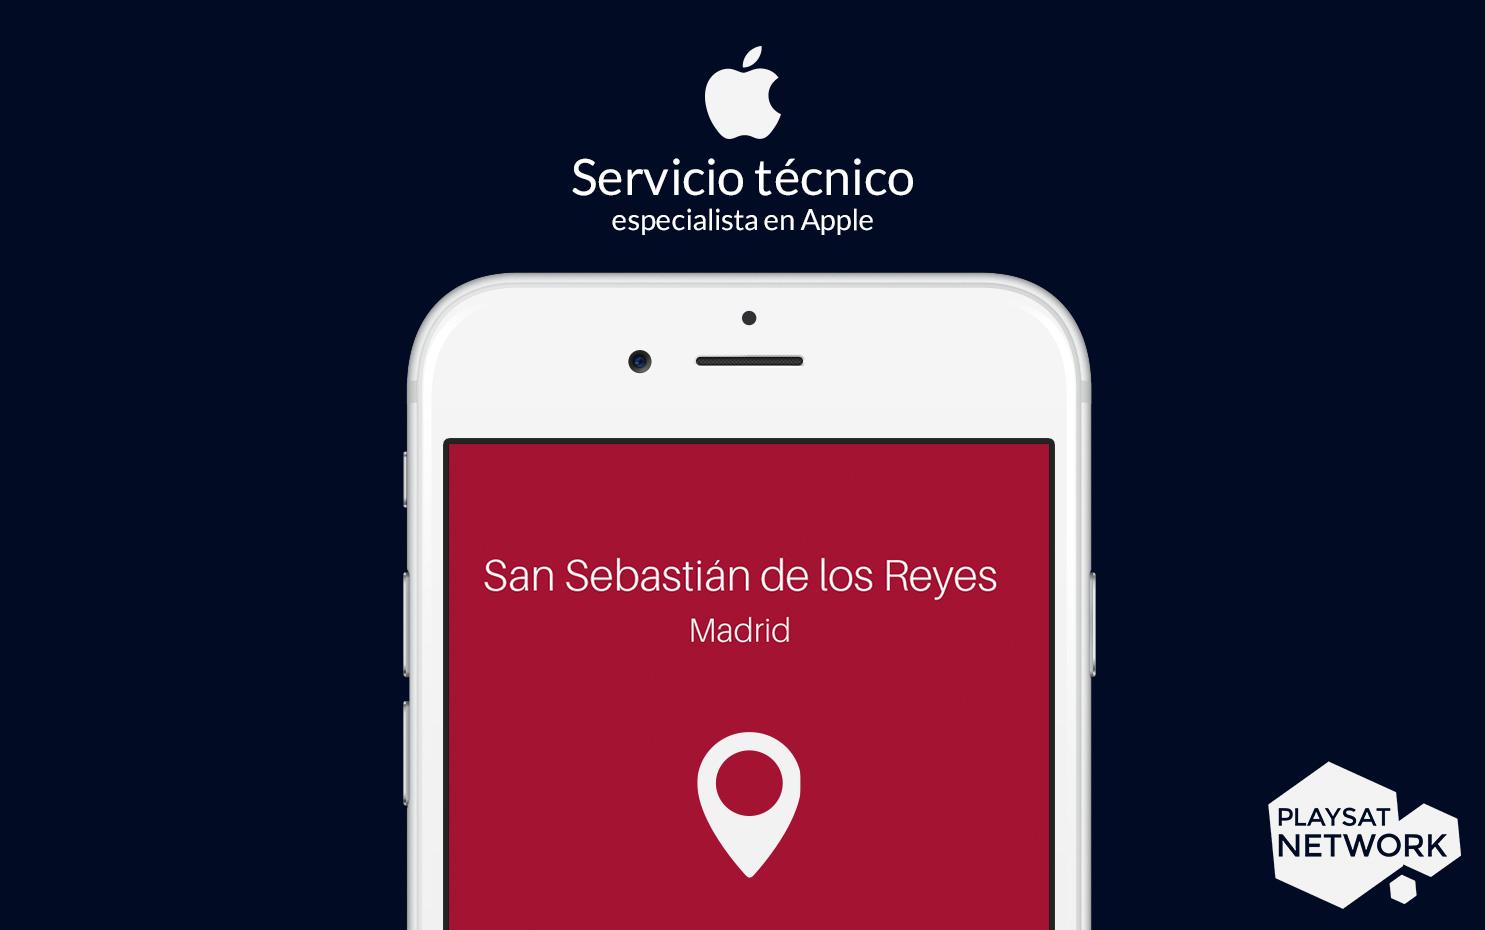 Servicio-Técnico-Apple-San-Sebastián-de-los-Reyes